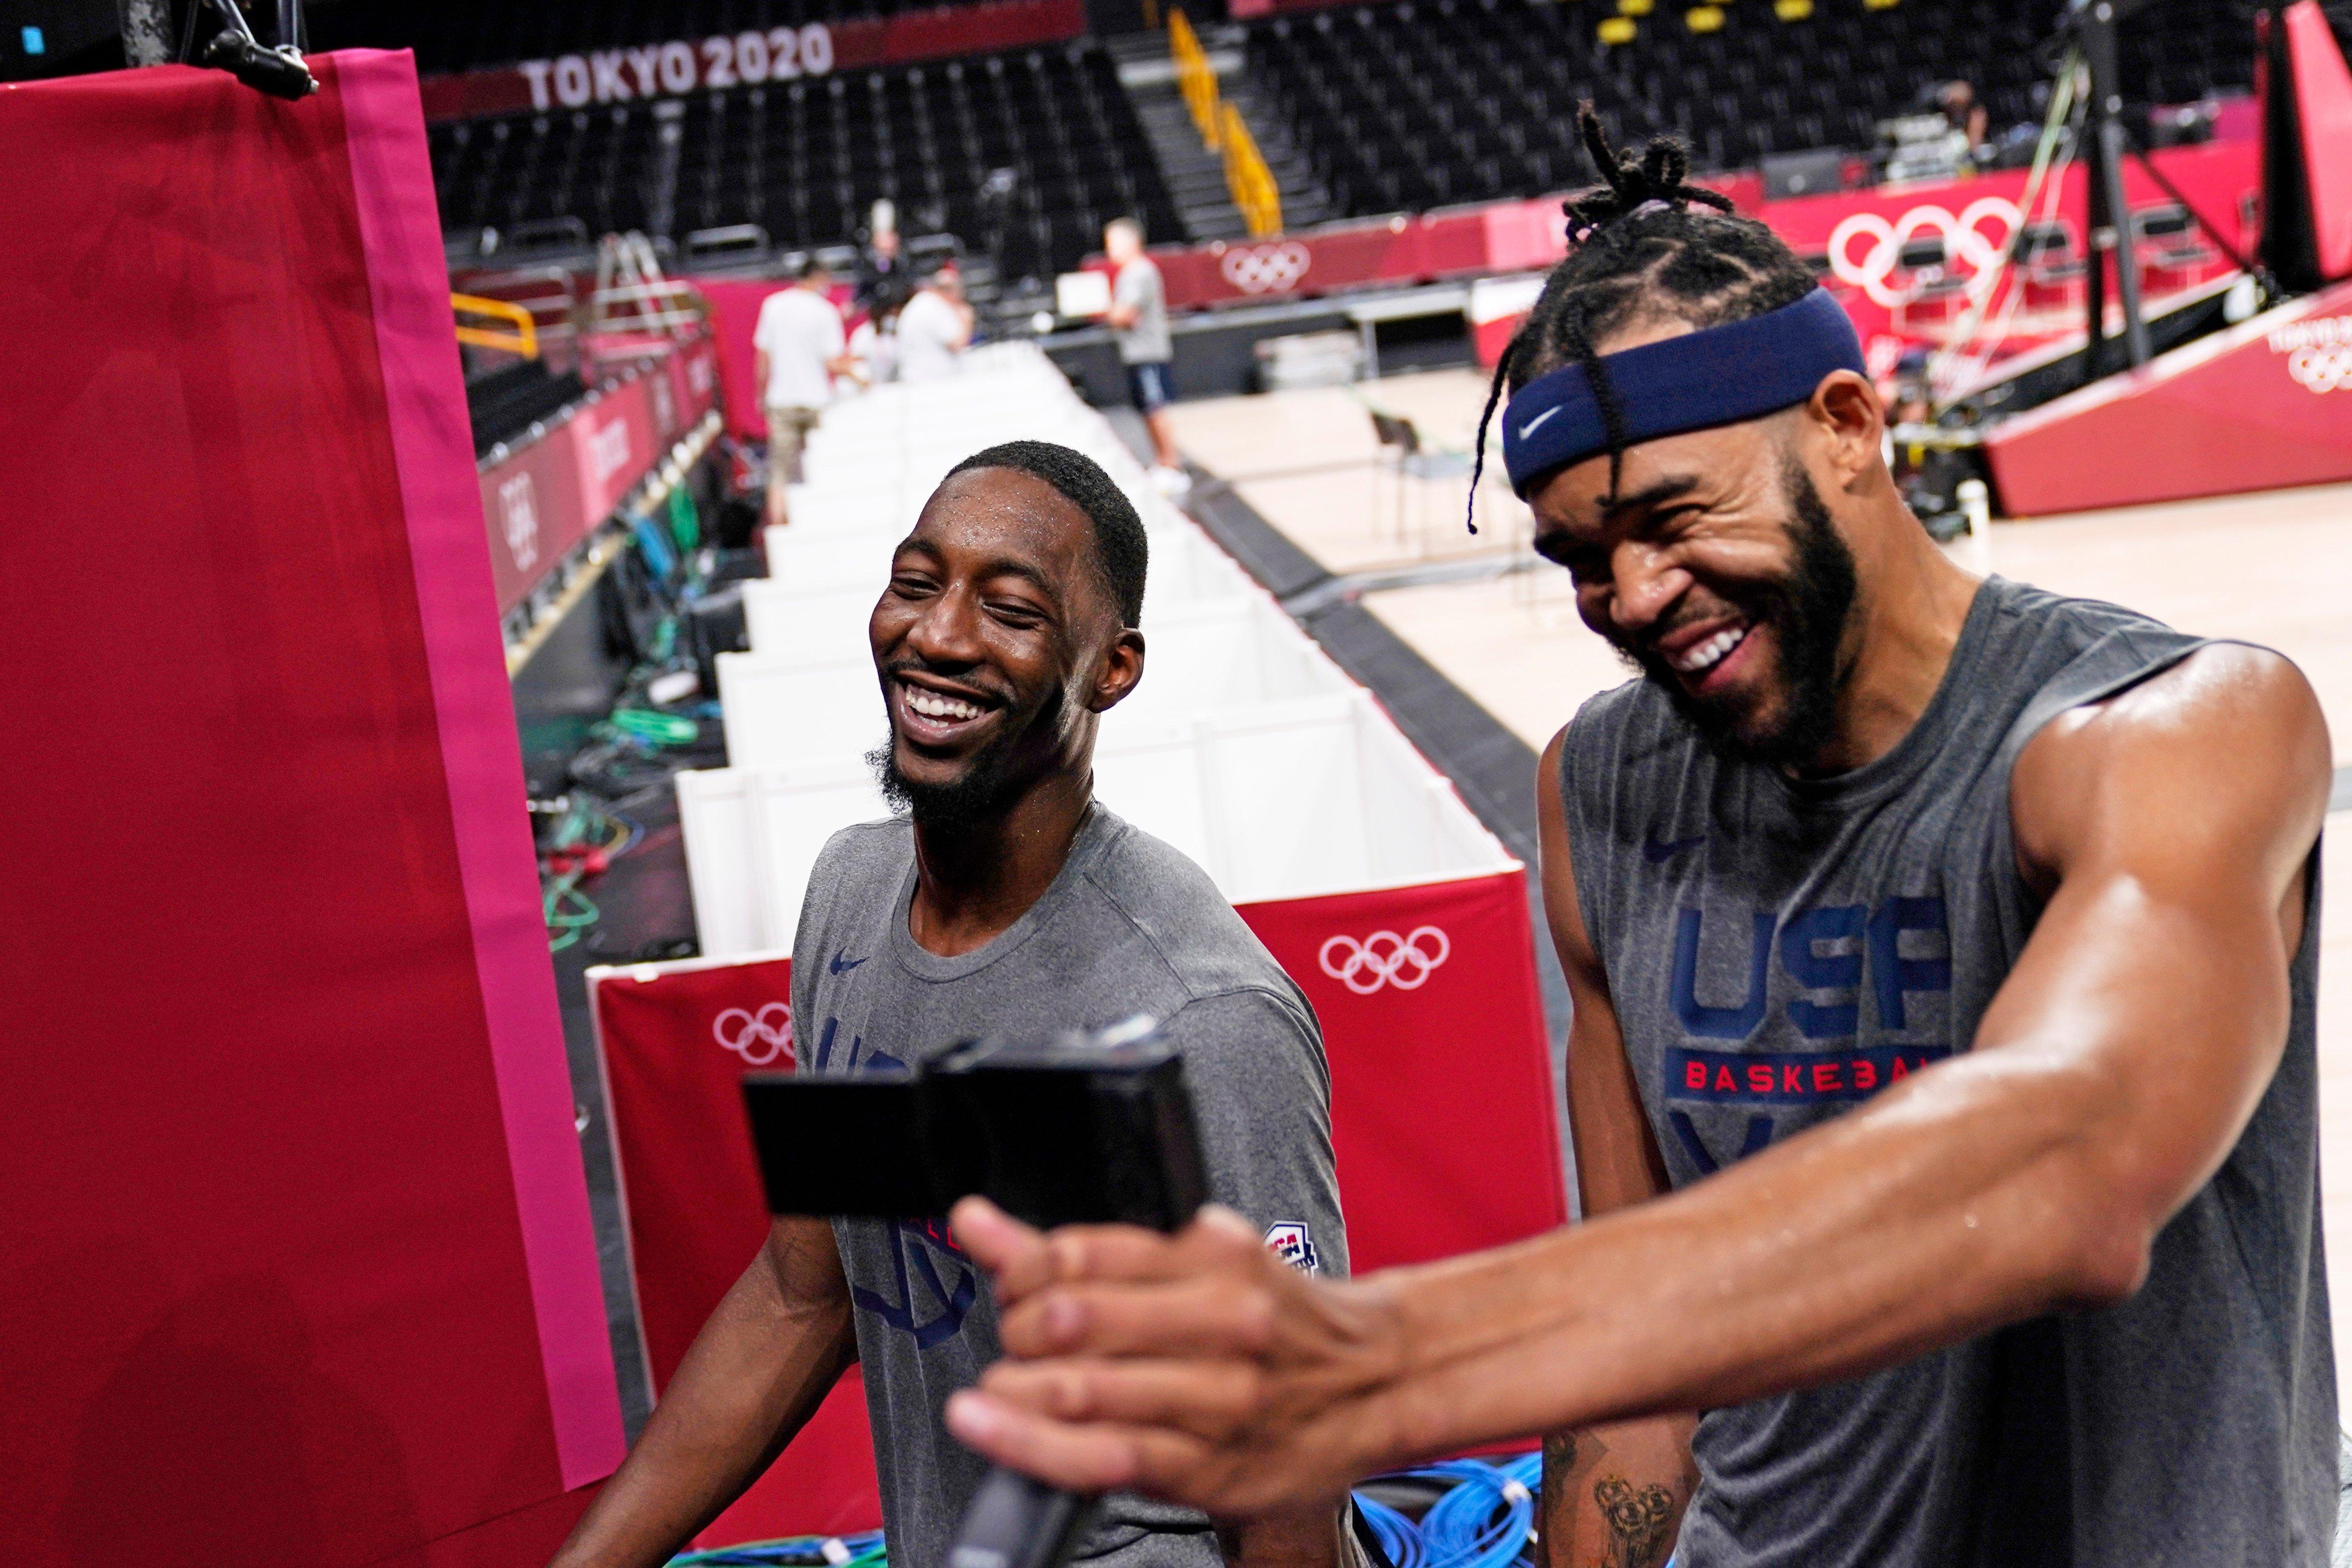 美国男篮两大中锋阿德巴约(左)和麦基,在东奥球场结束训练后高兴地合影。(美联社照片)